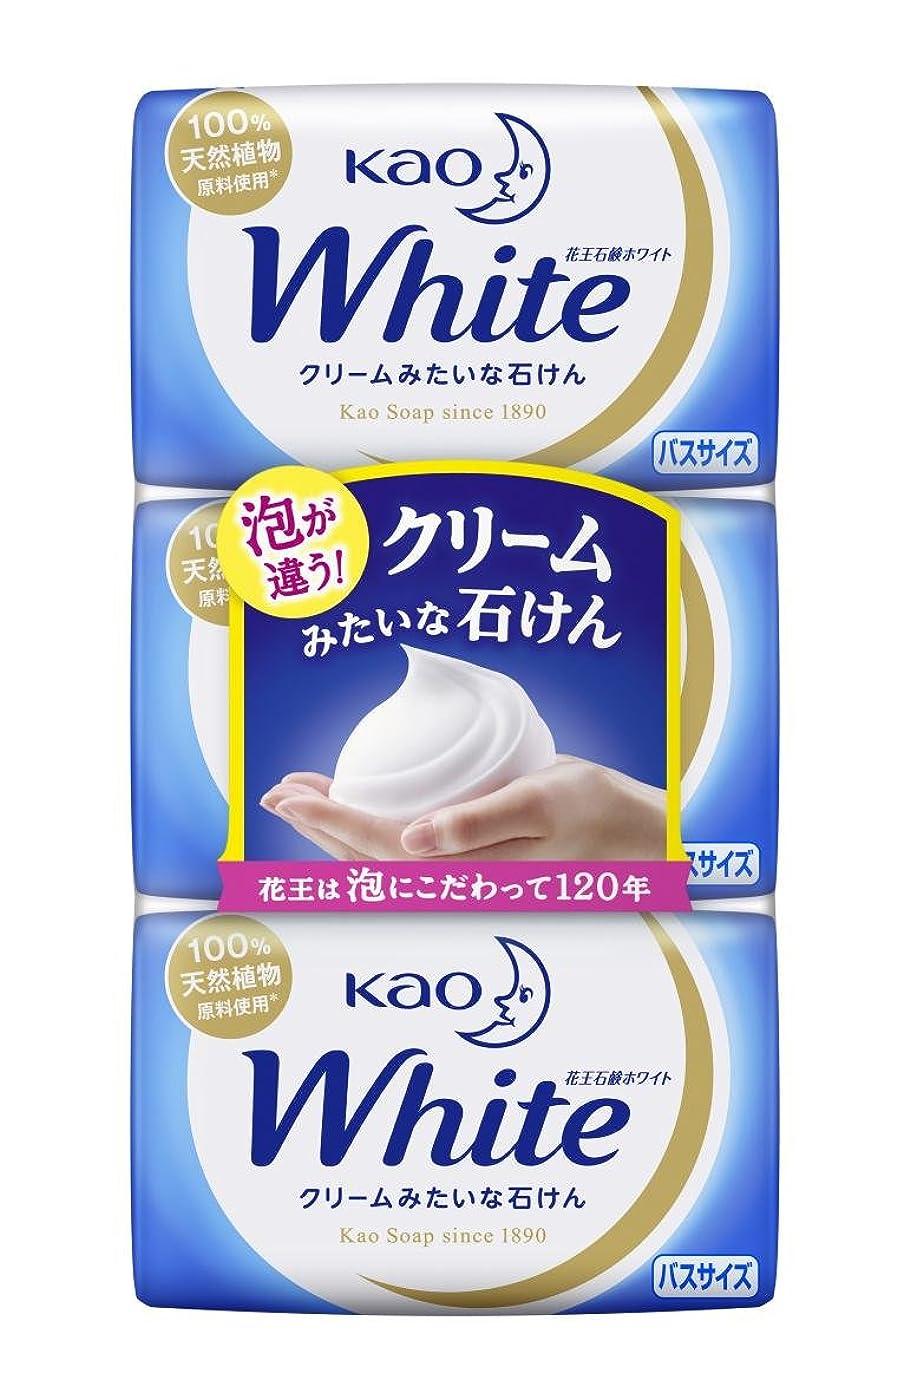 究極の直径期限花王ホワイト バスサイズ 3コパック